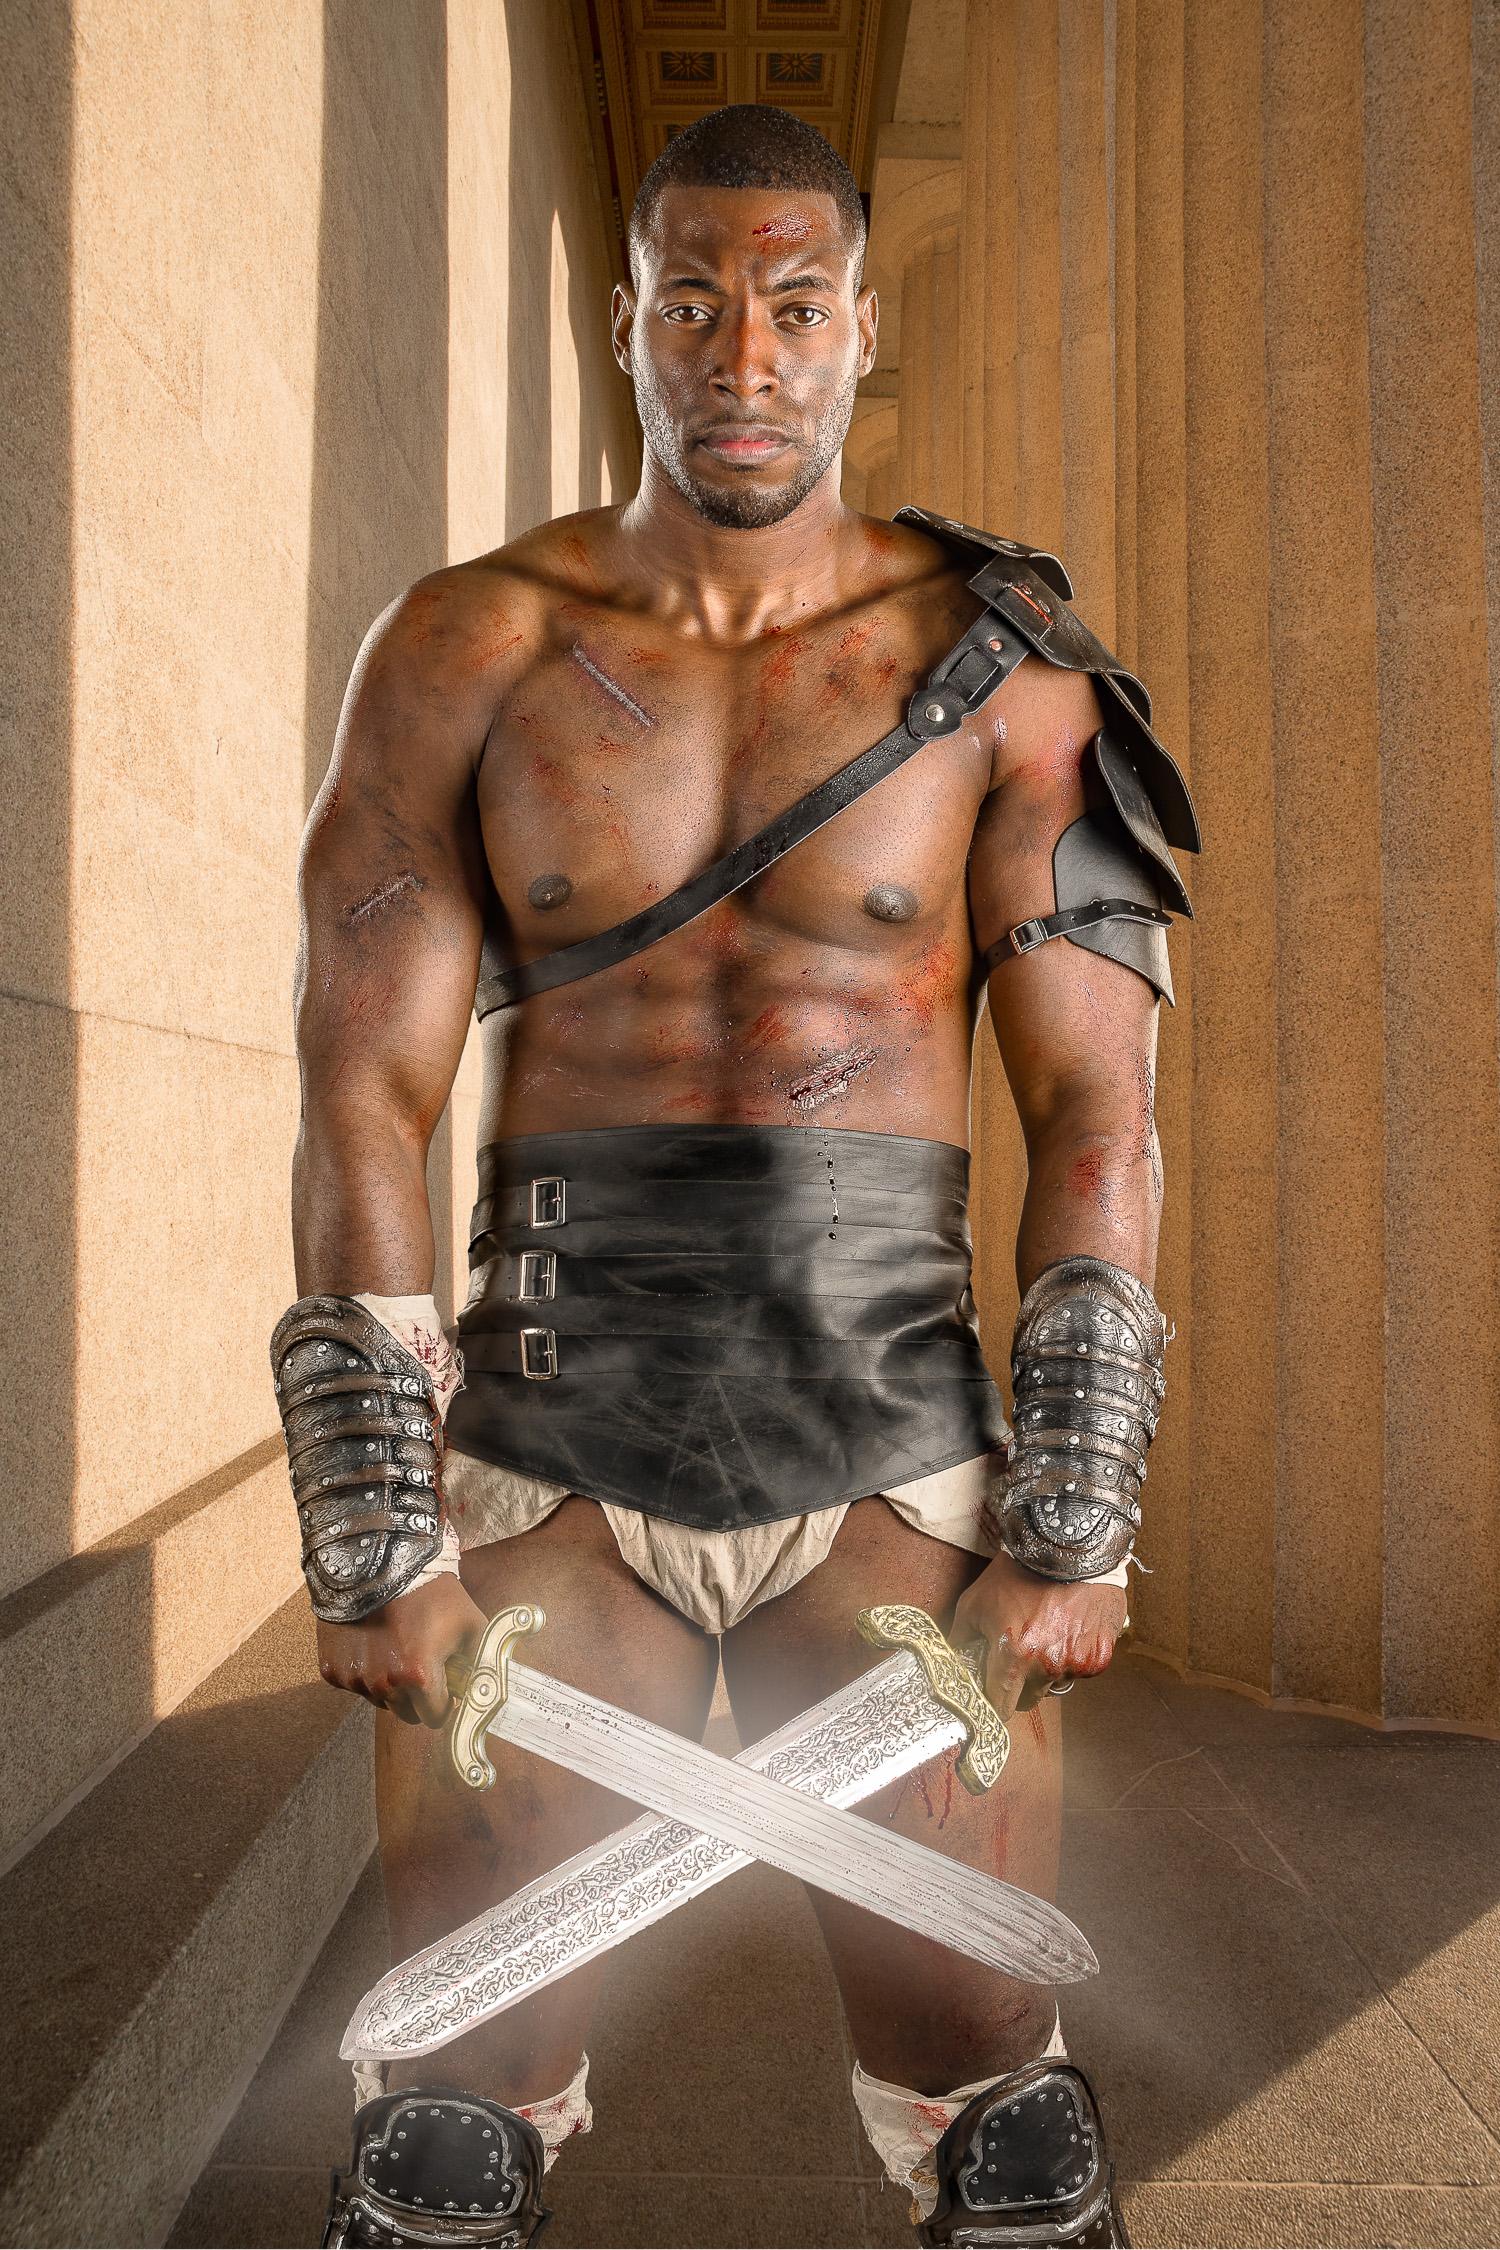 Spartacus #3 (background is Parthenon in Nashville, TN)